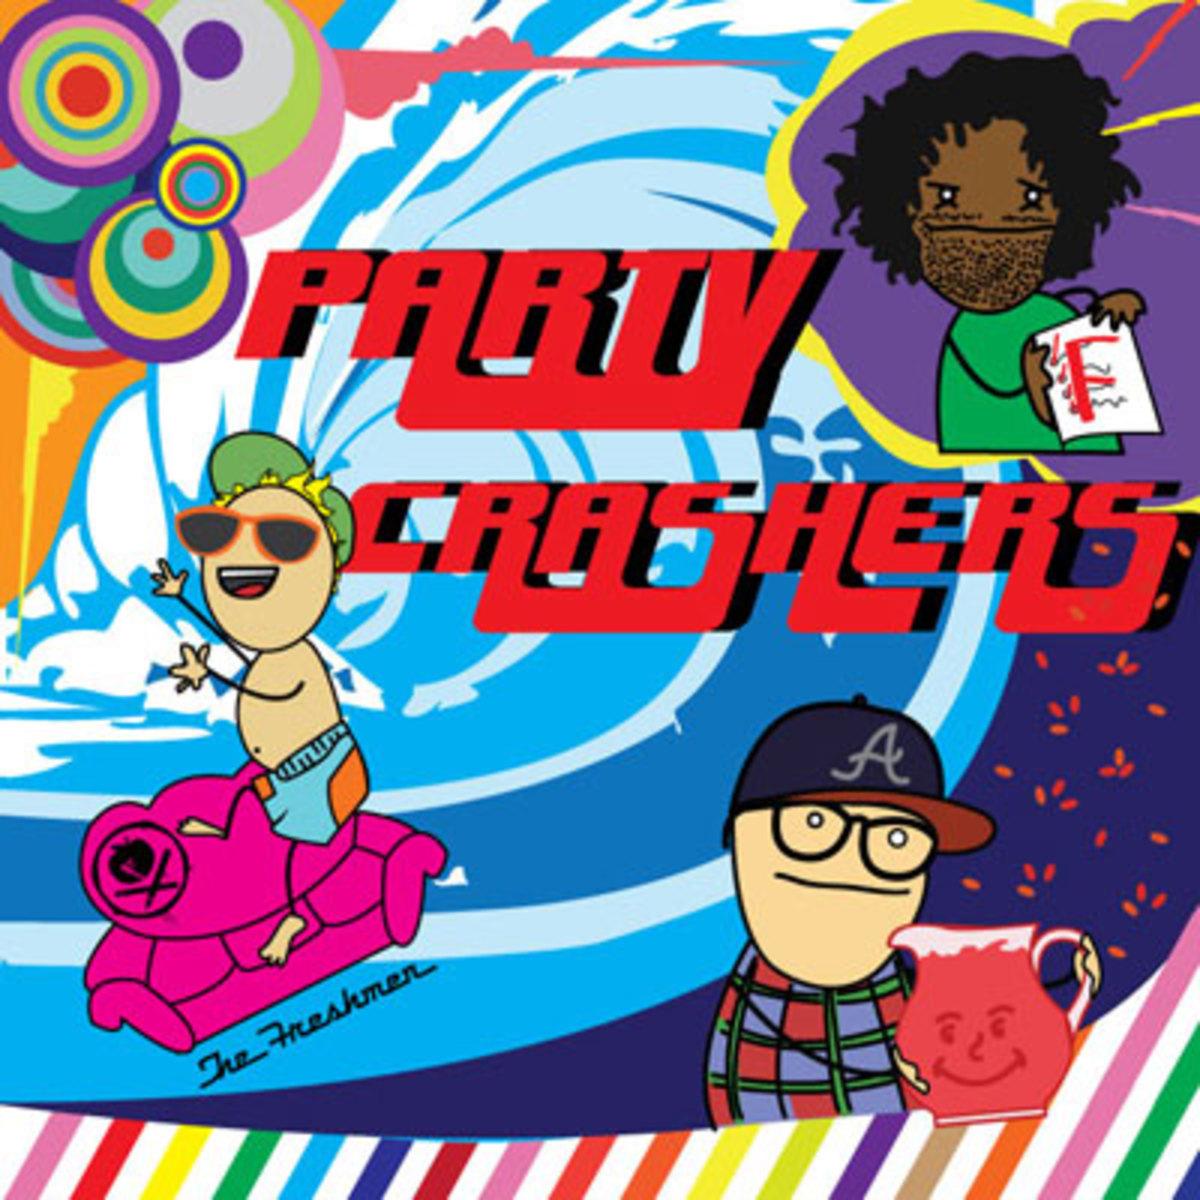 freshmen-partycrashers.jpg